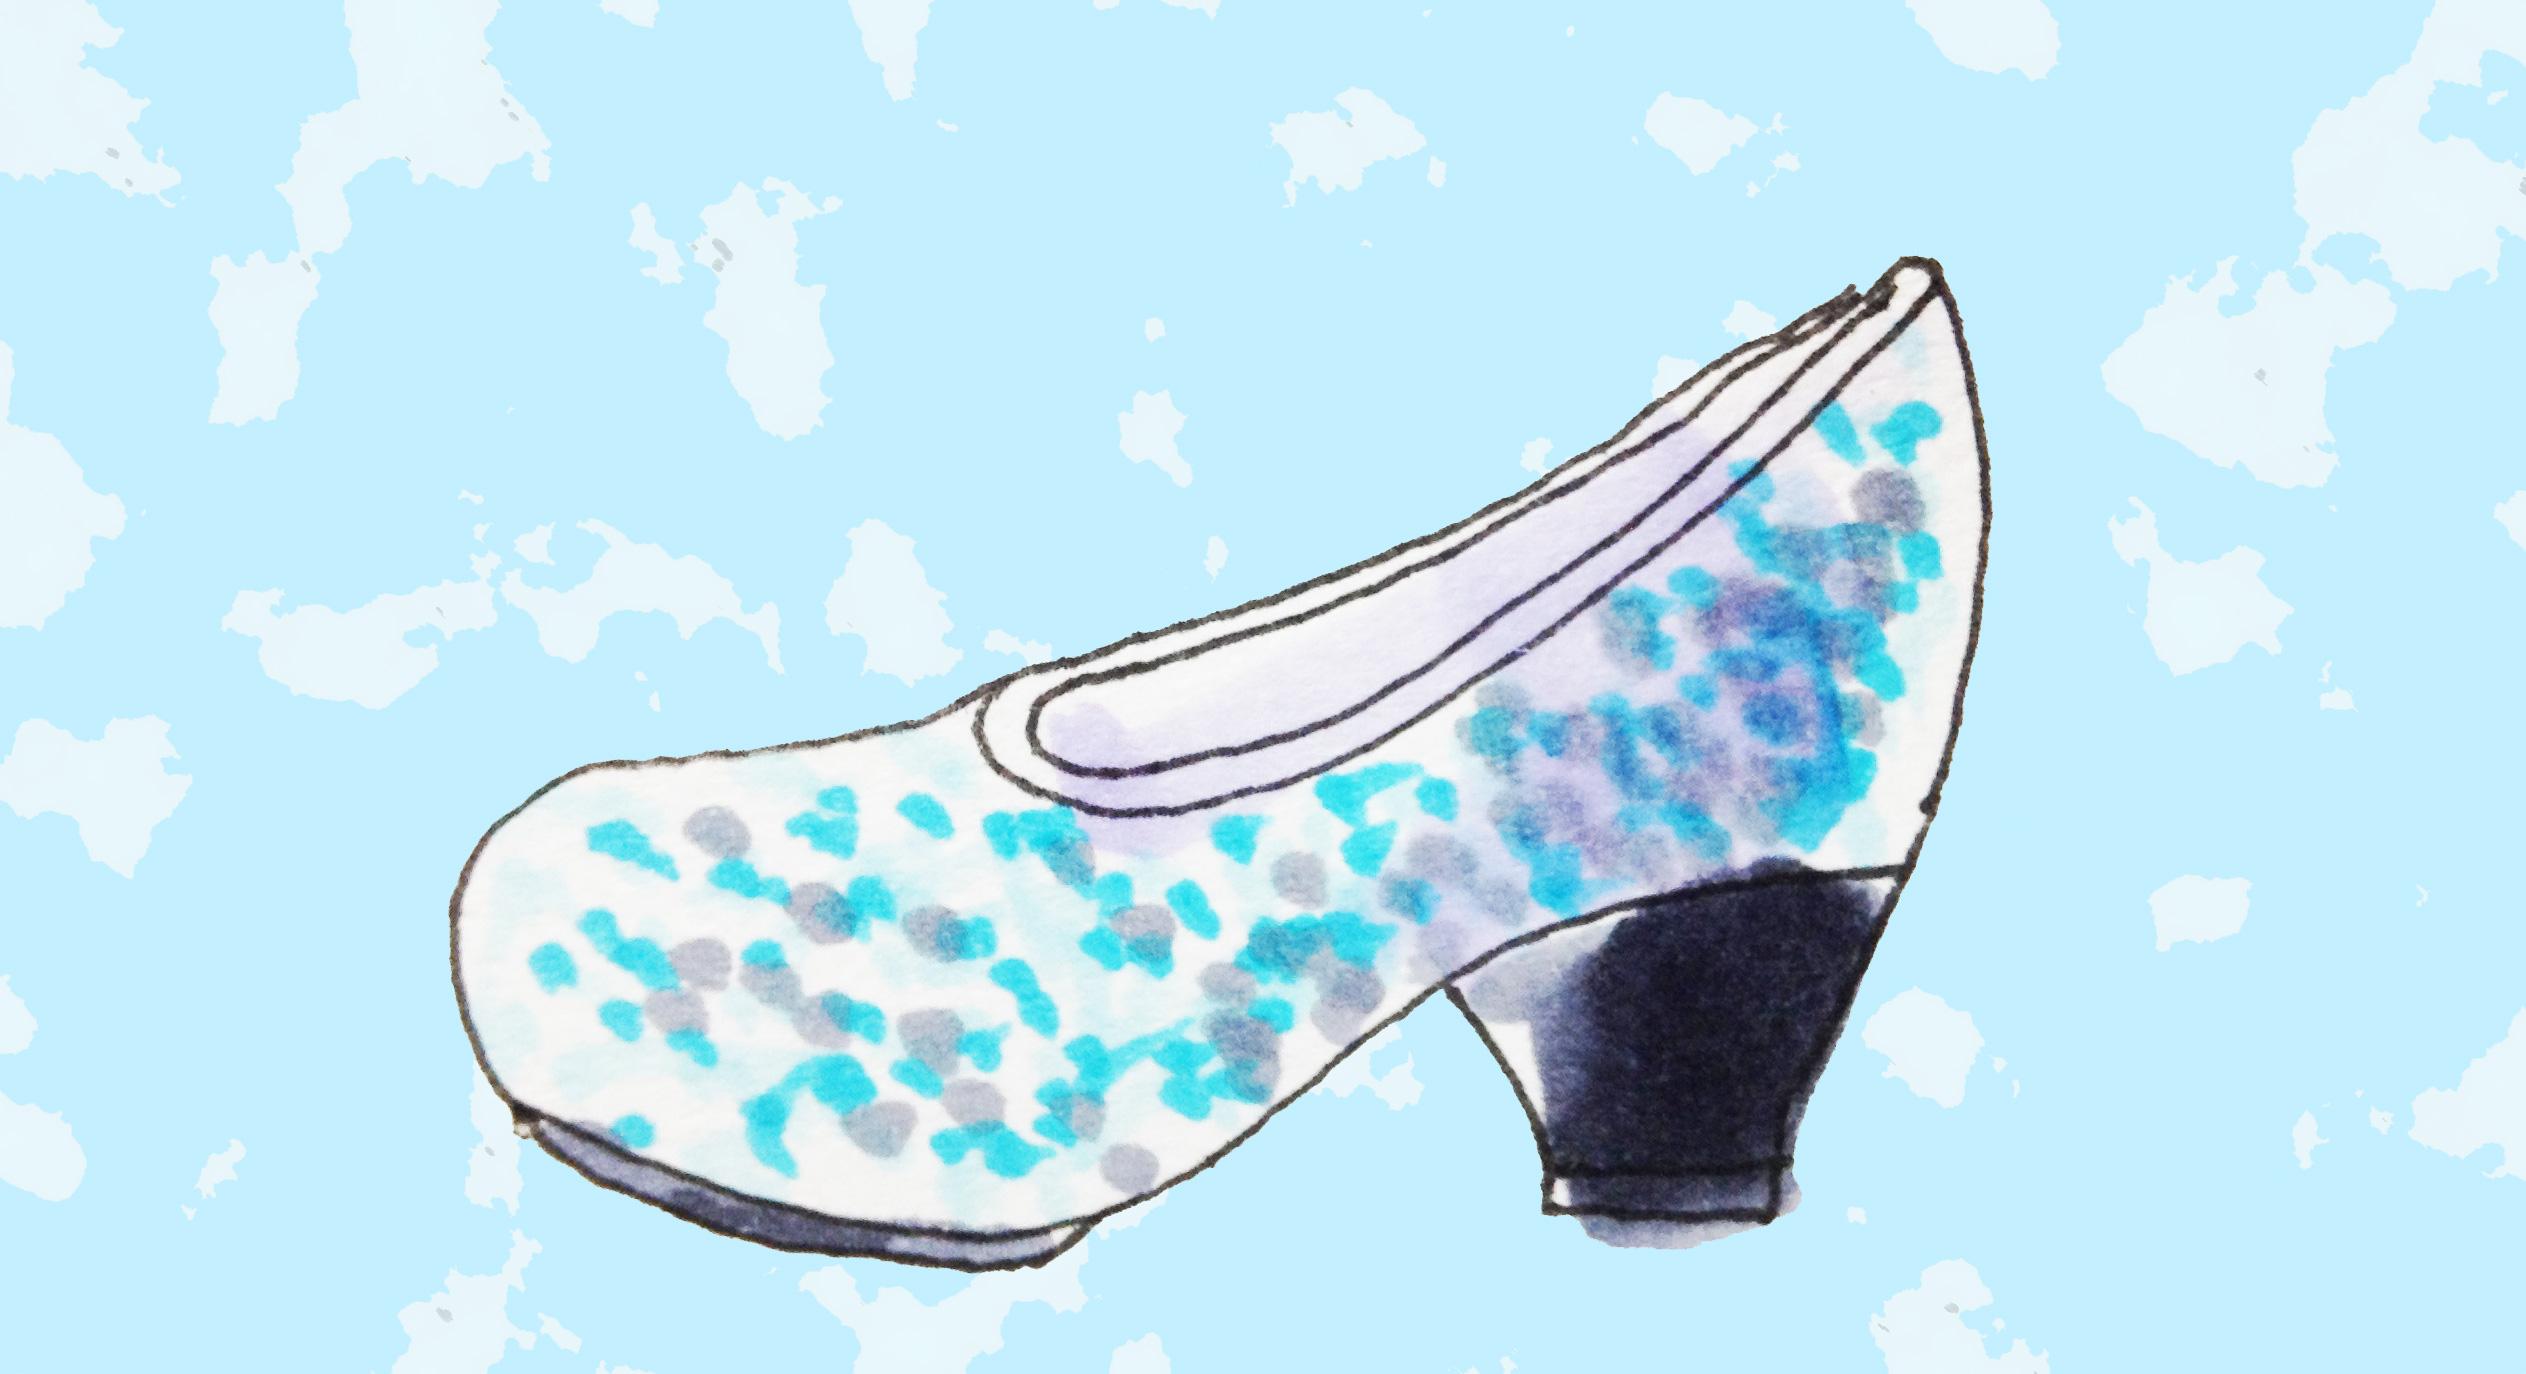 オズの魔法使いの憧れの銀の靴のイメージをコピックで描いたイラスト